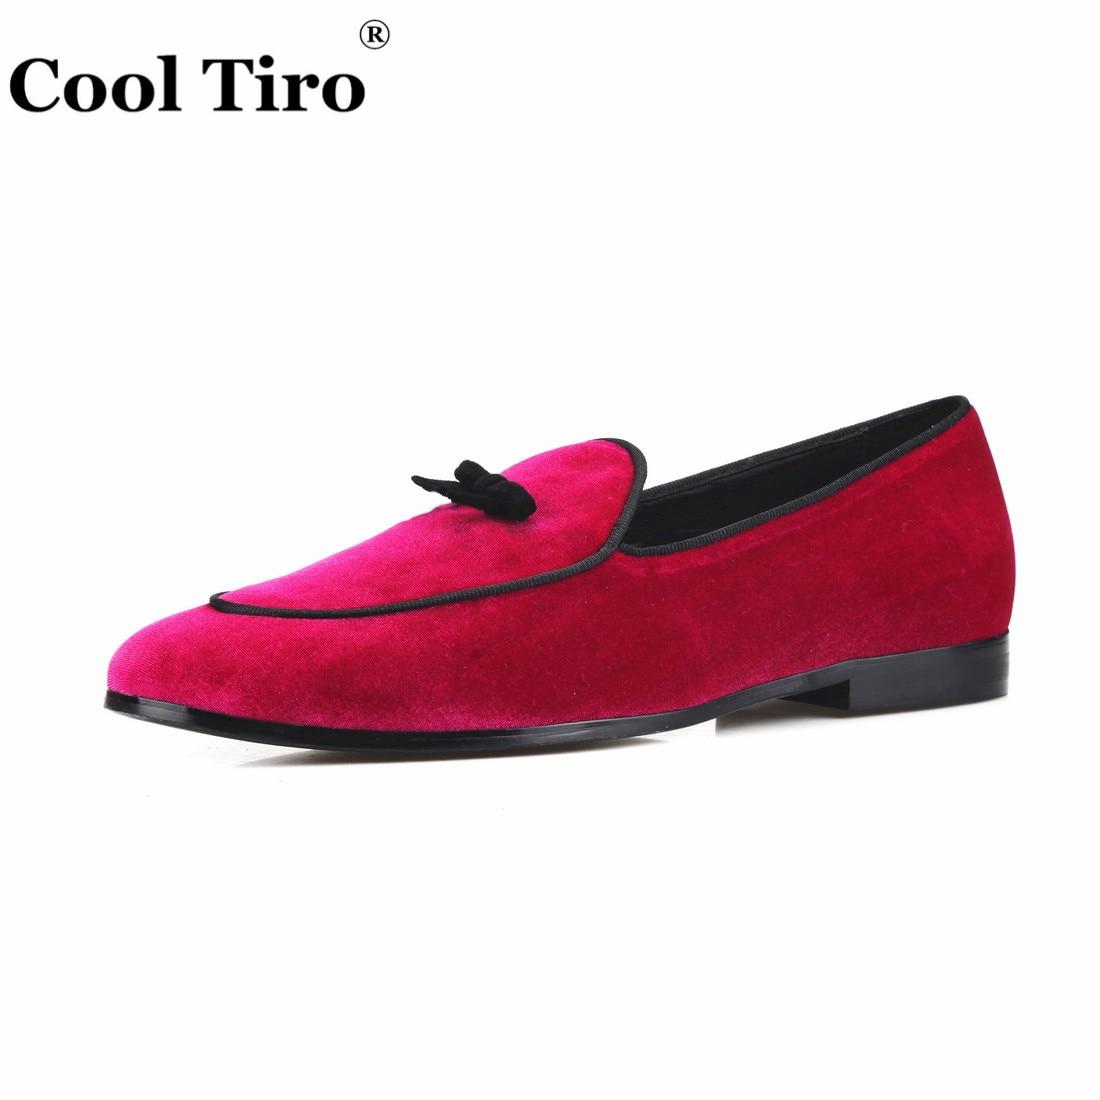 Sapatos Dos Chinelos Festa rosy Veludo Tiro Mocassins Bege Homens Red De Casamento Rosa Preguiçosos Fumadores Arco Casuais Vestido Belga Com Flats Legal EPfqXx